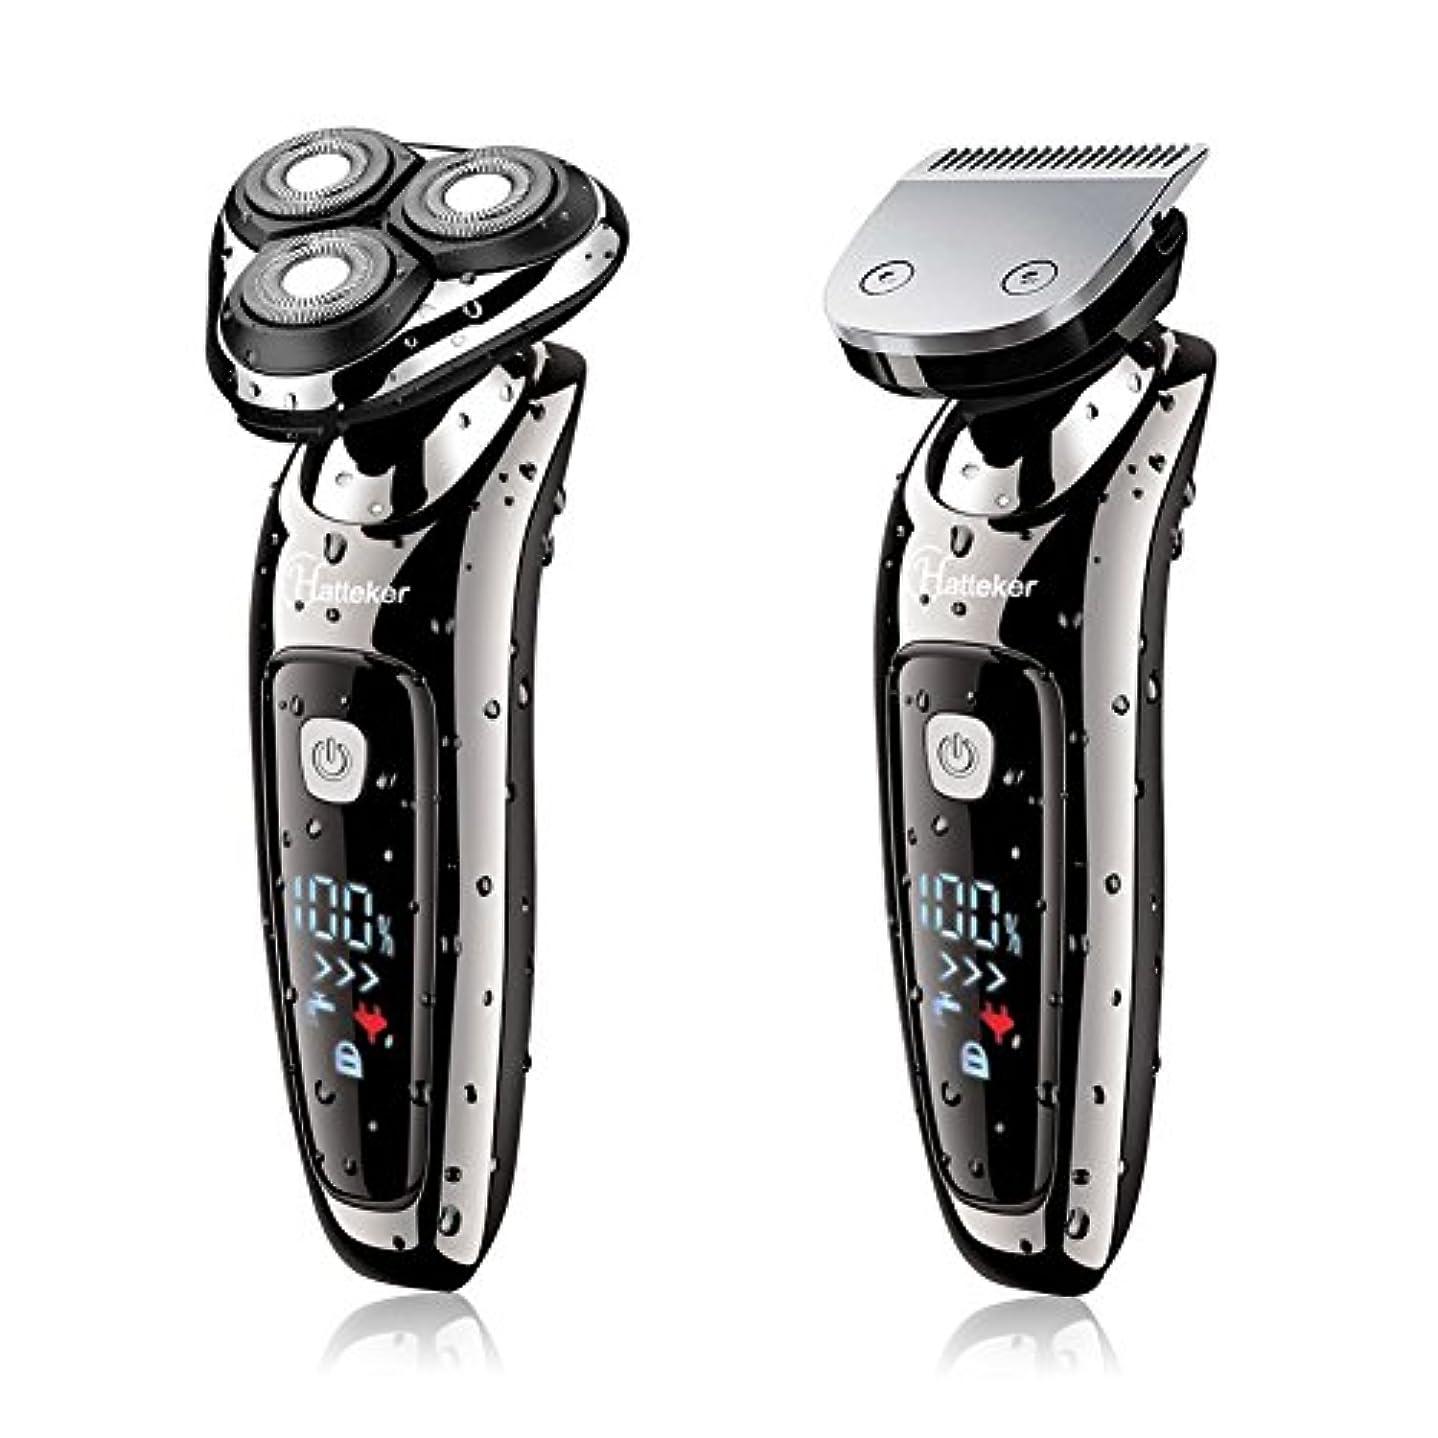 人に関する限り溶接契約したHATTEKER 電気シェーバー メンズ ひげ剃り充電式·交流式 バリカン/ヒゲ トリマーヘッド付き LEDディスプレイ 水洗いOK